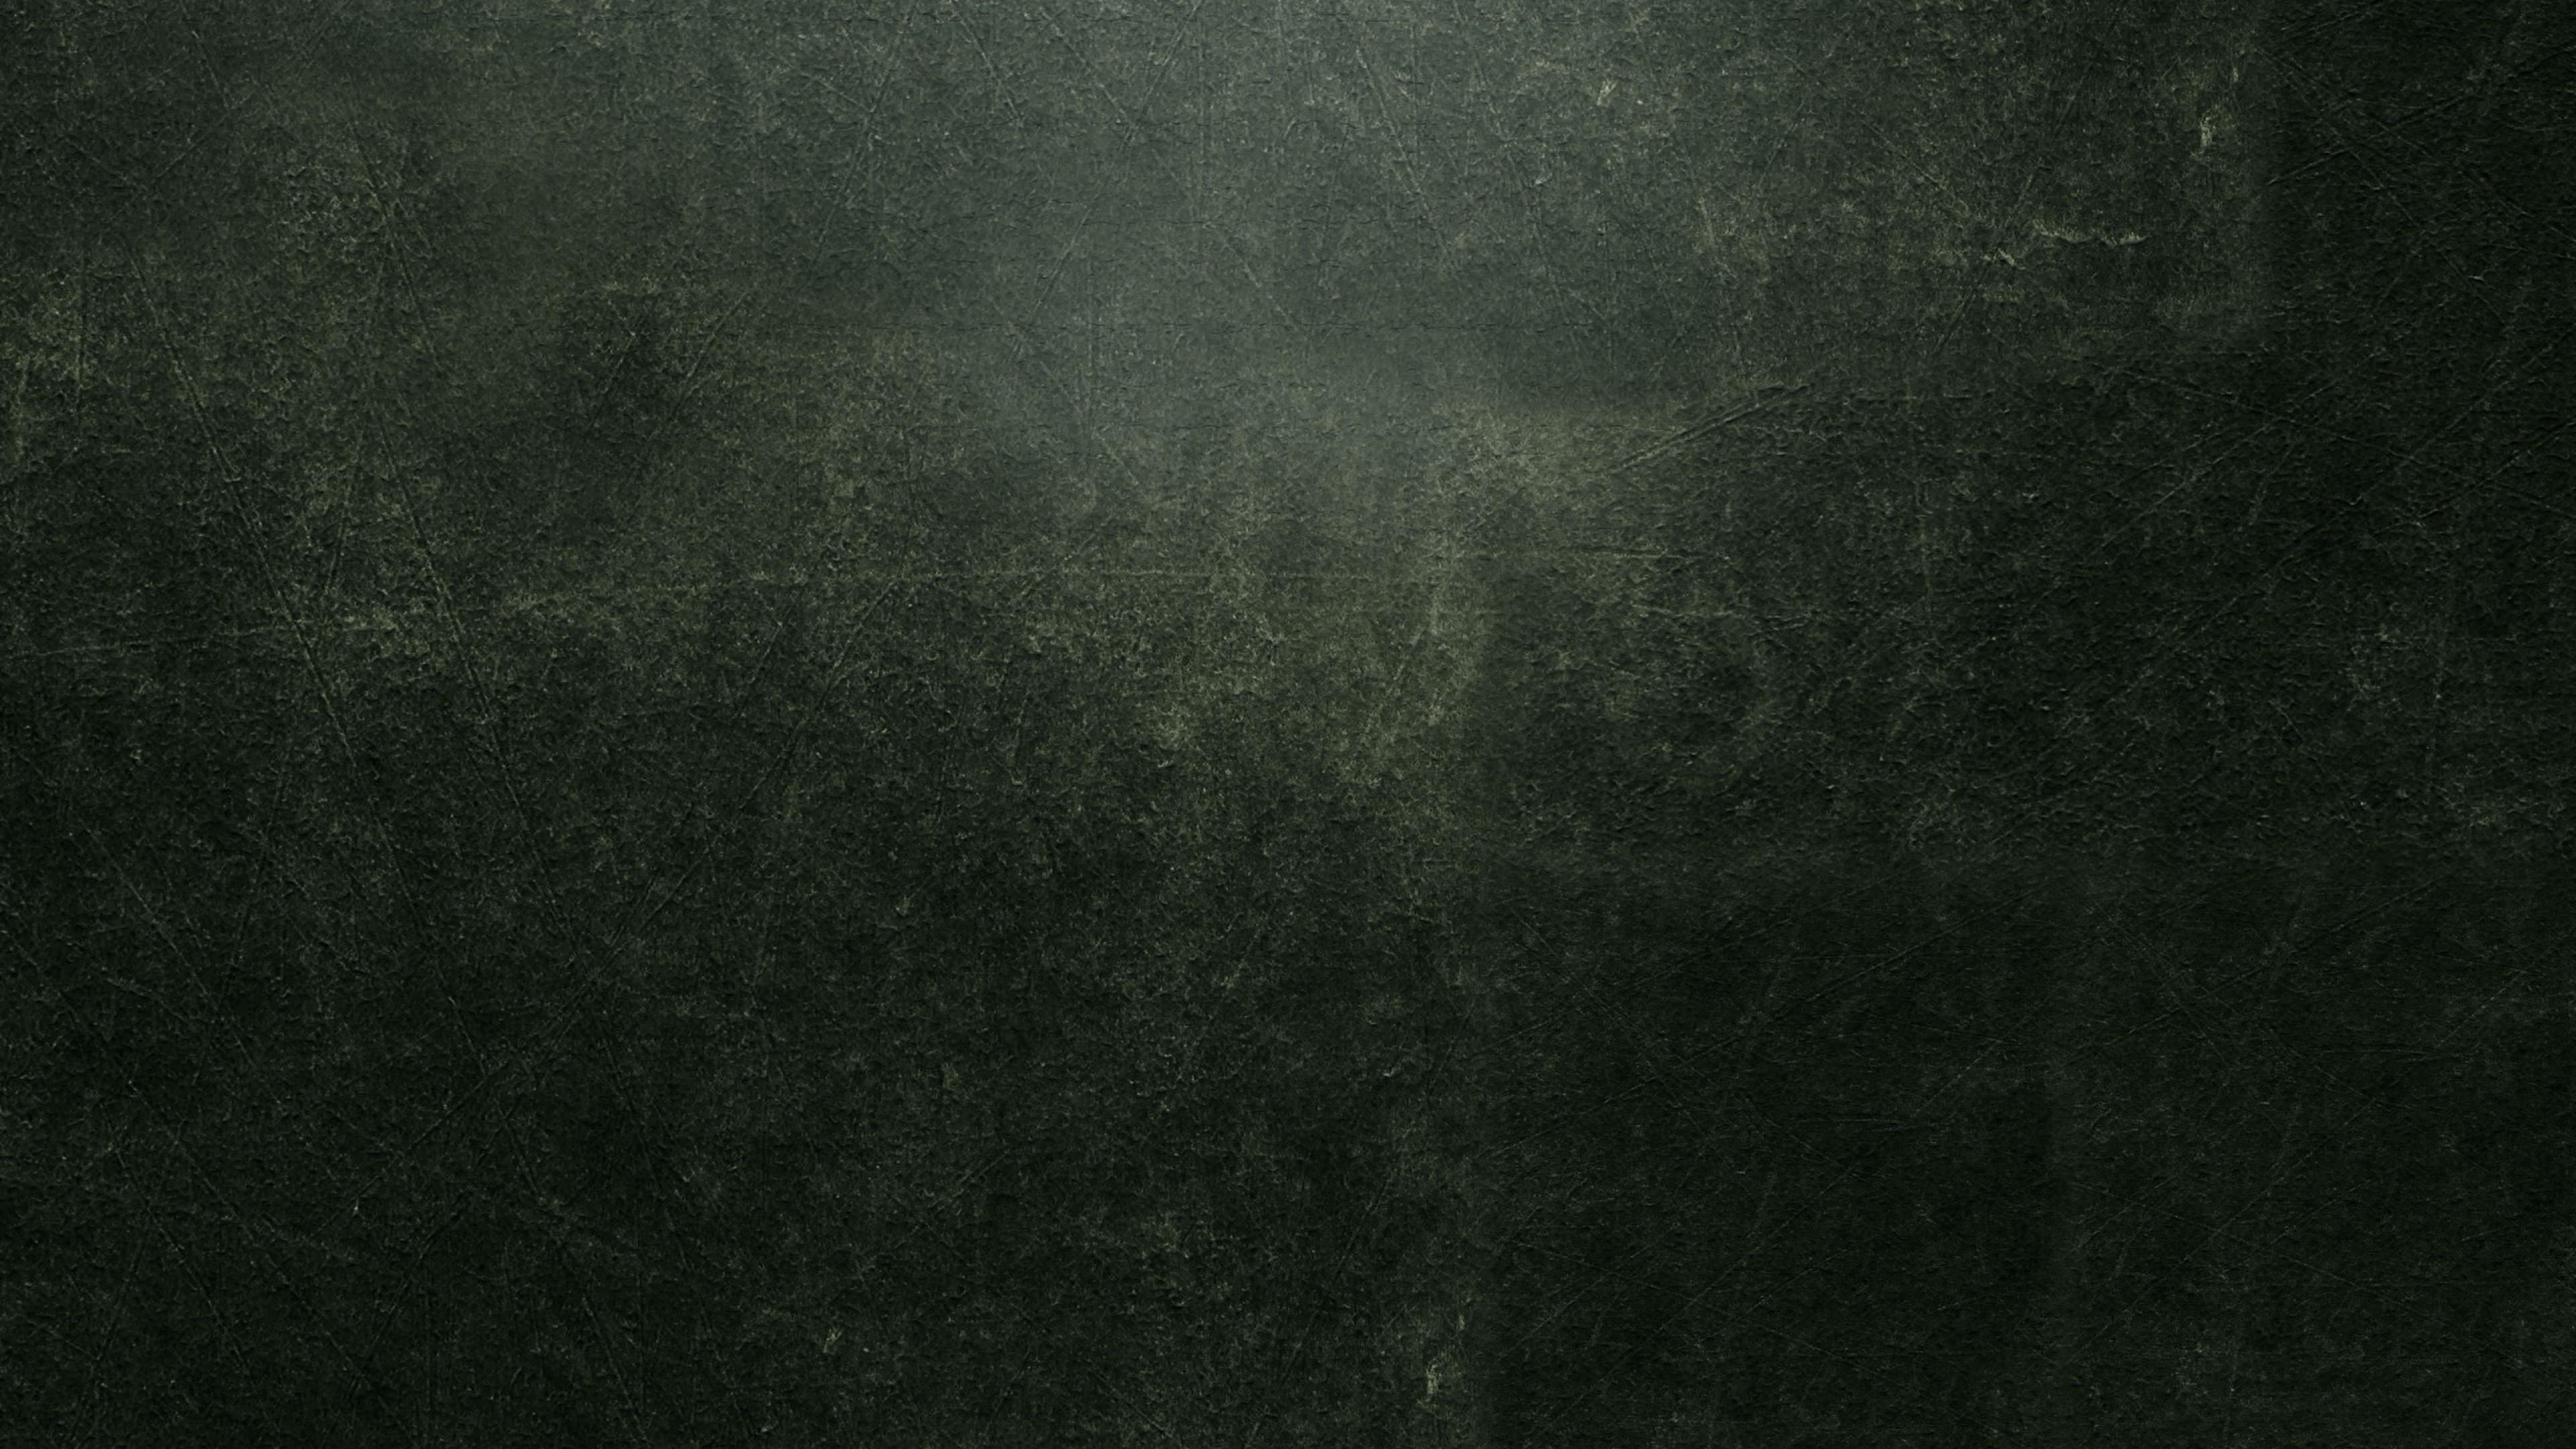 Dark Minimalist Wallpaper Wallpapertag